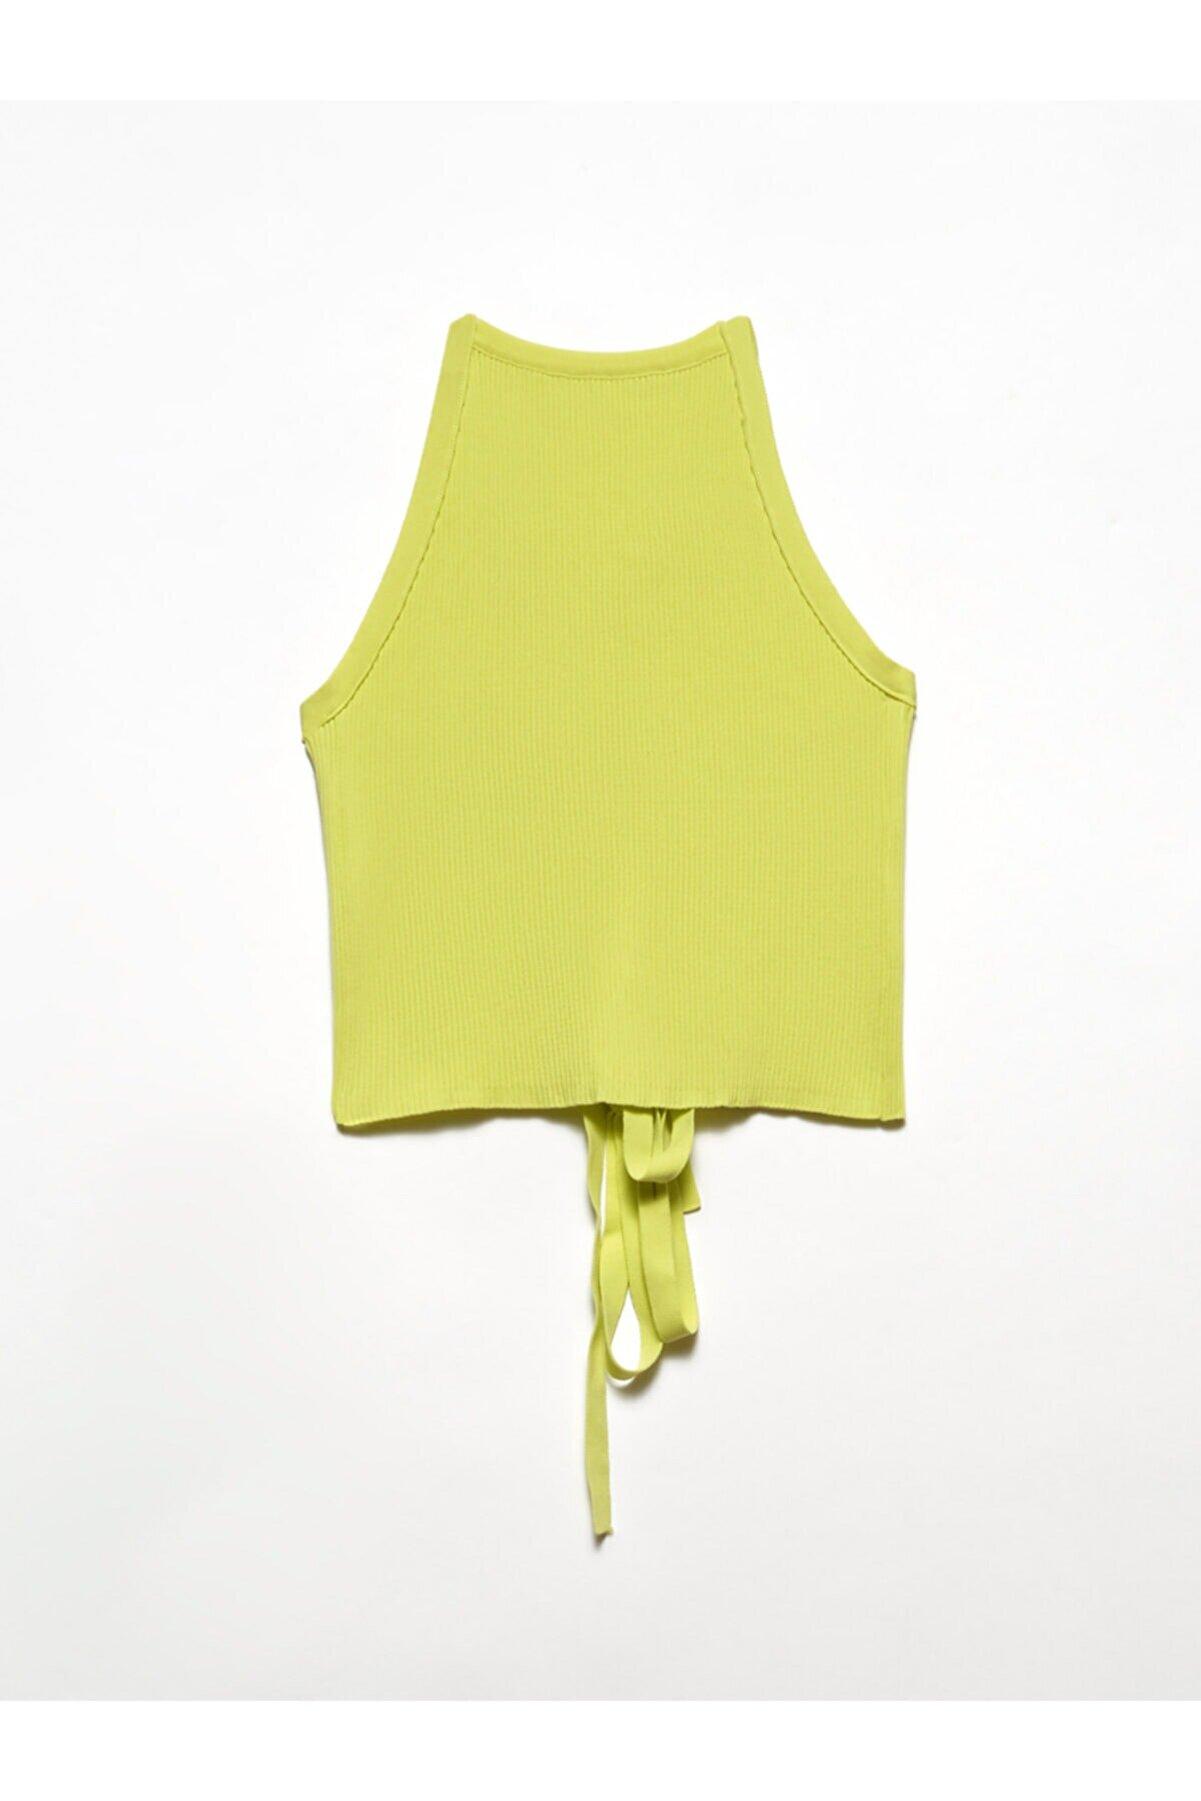 Dilvin Kadın Sarı Arkası Çapraz Askılı